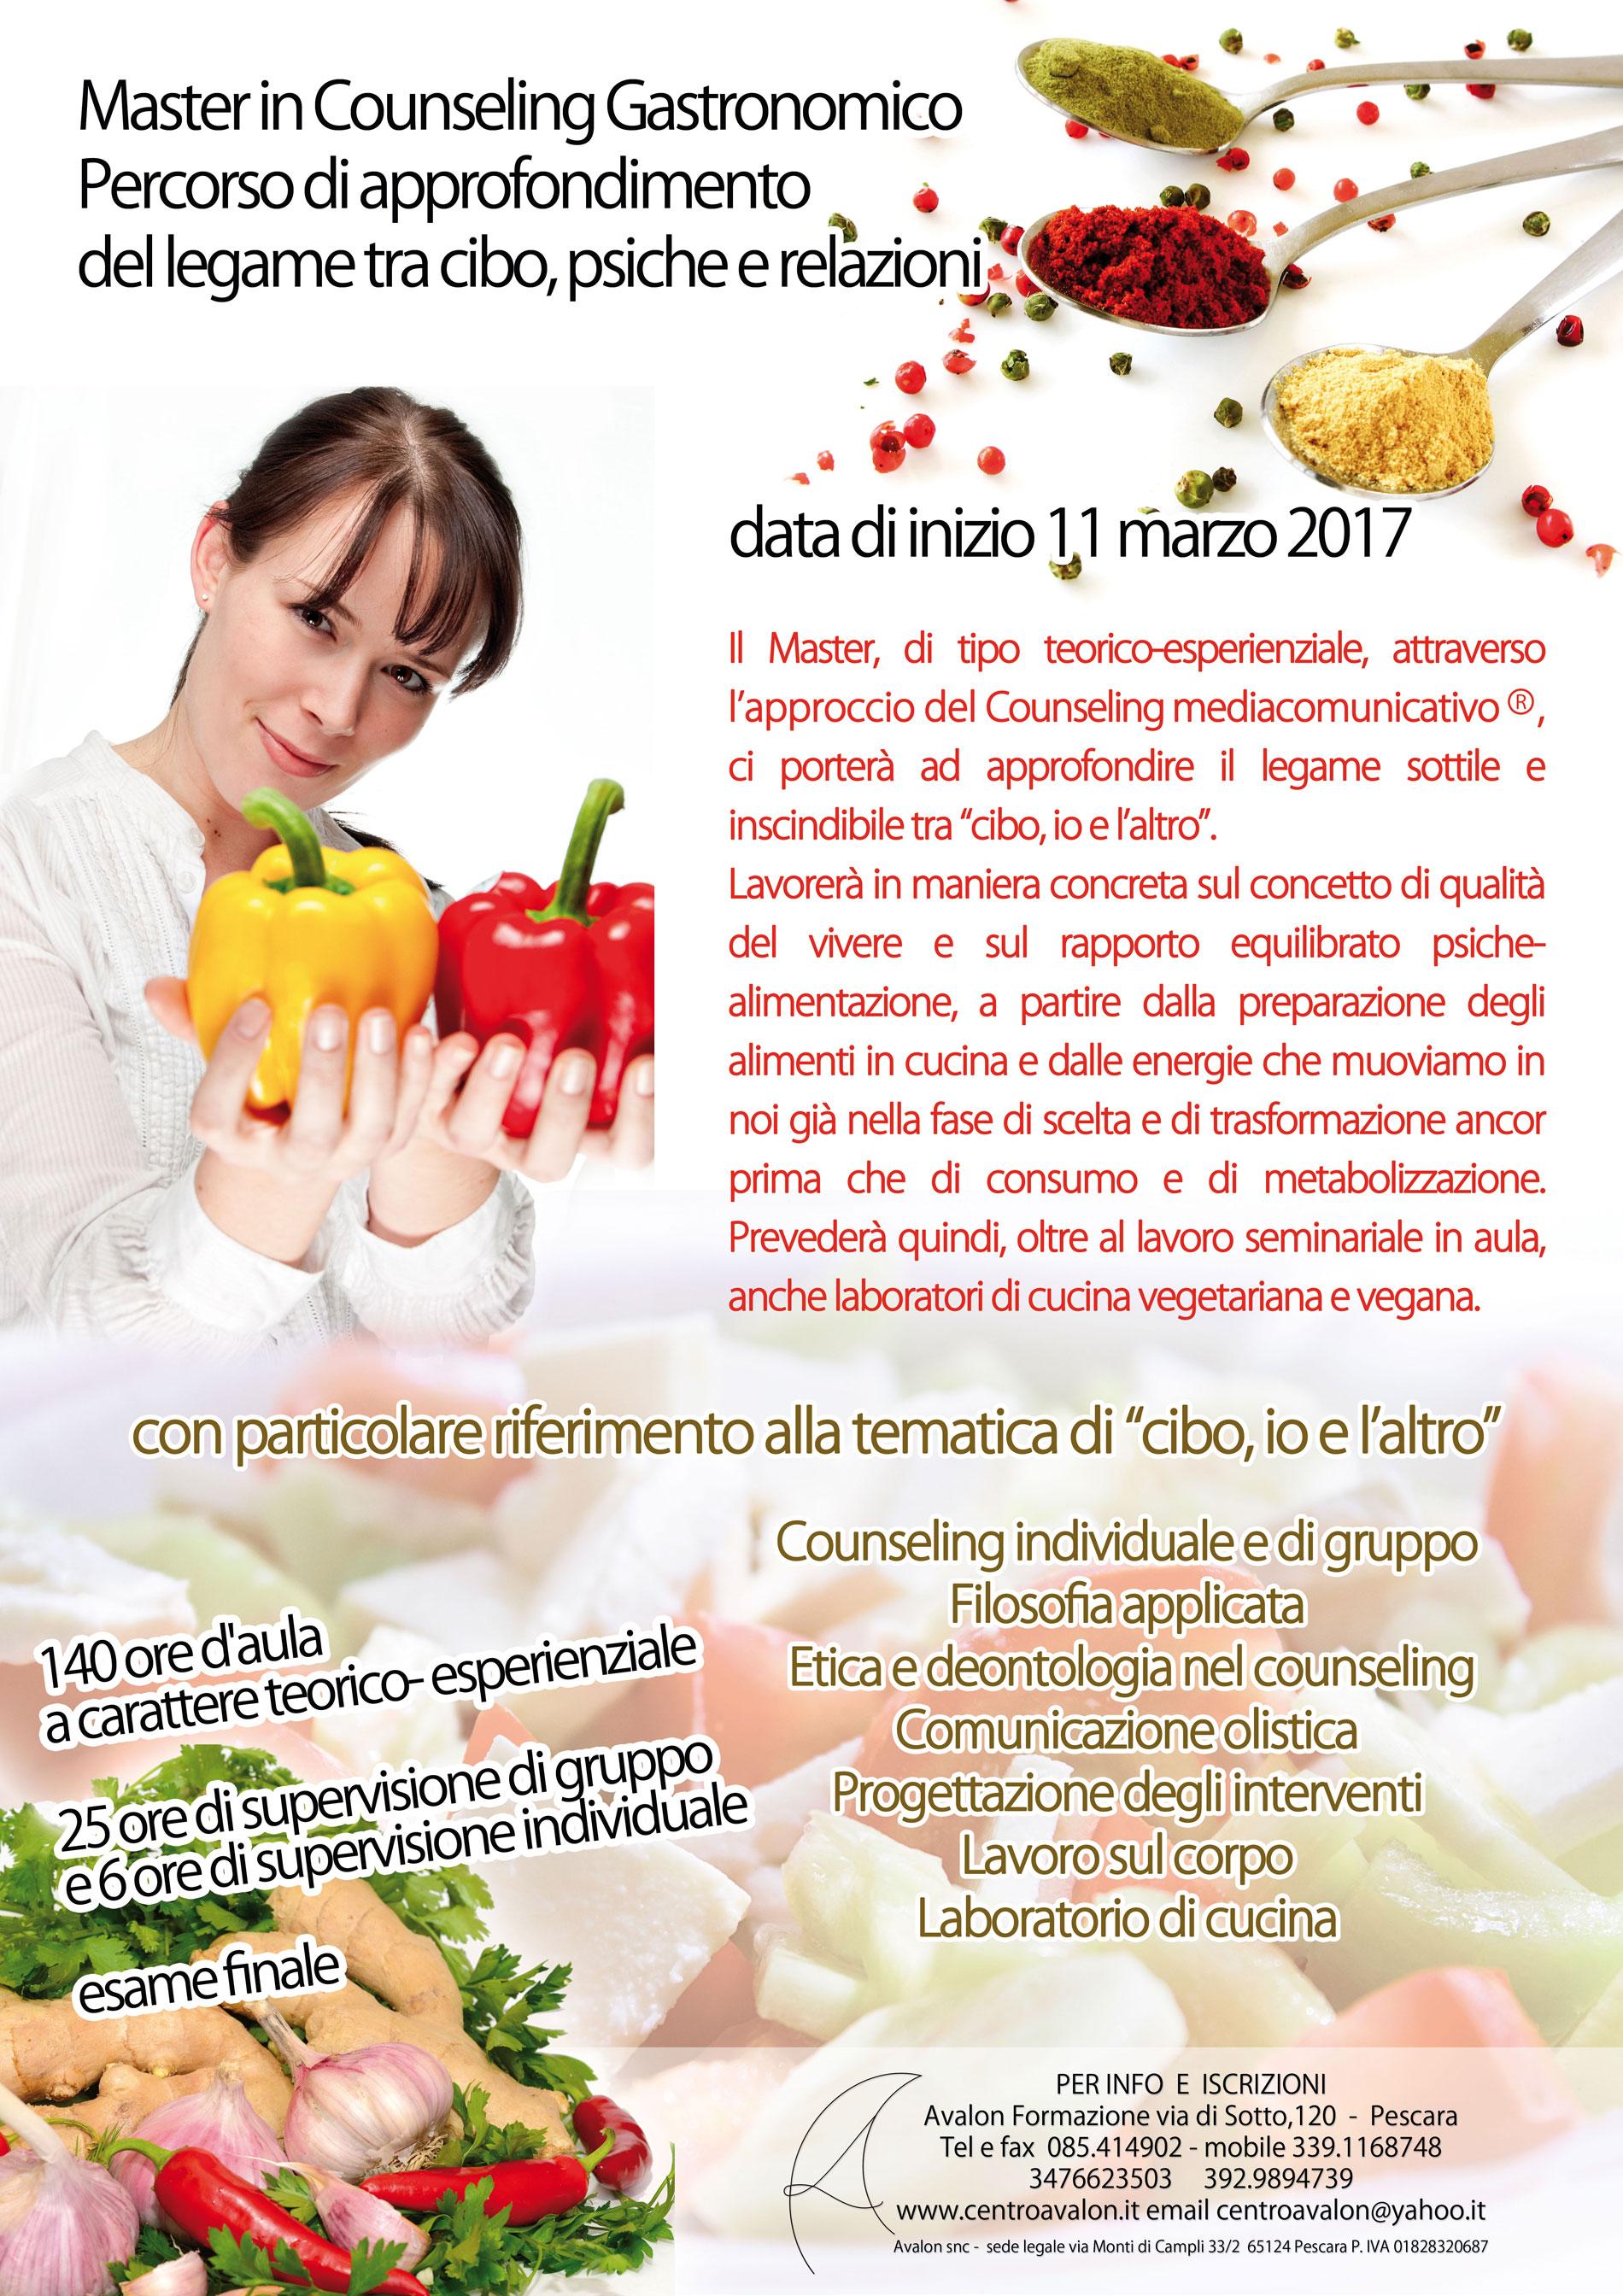 Avalon Counseling Pescara - Master in Counseling Gastronomico. Percorso di approfondimento del legame tra cibo, psiche e relazioni